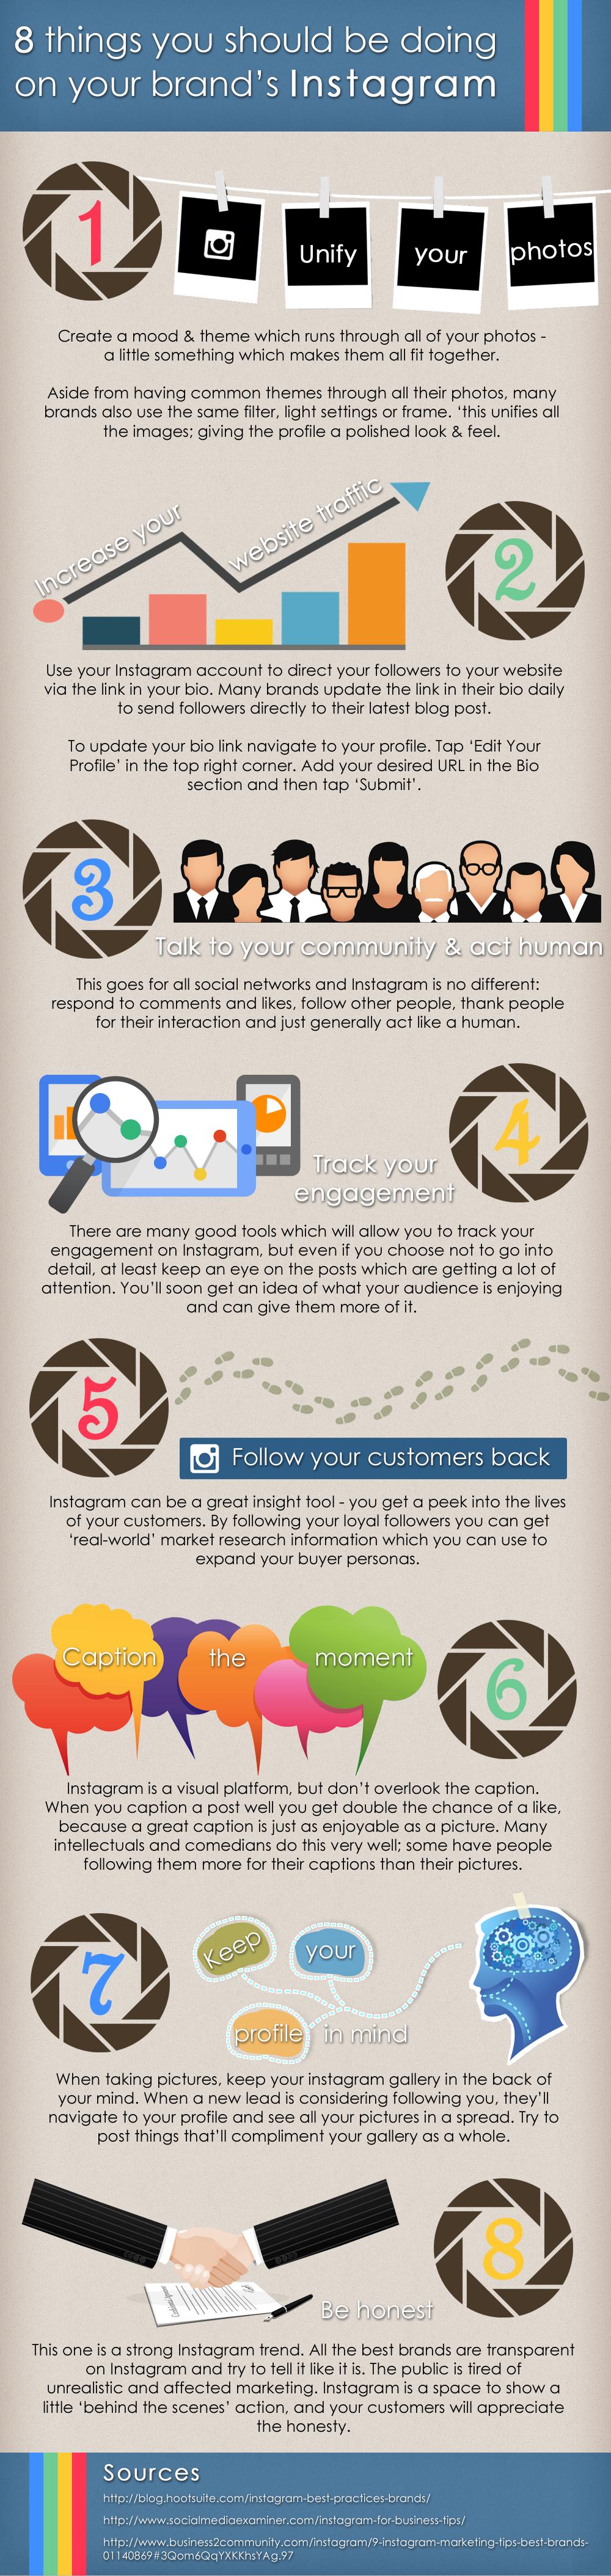 instagram-infographic-updat